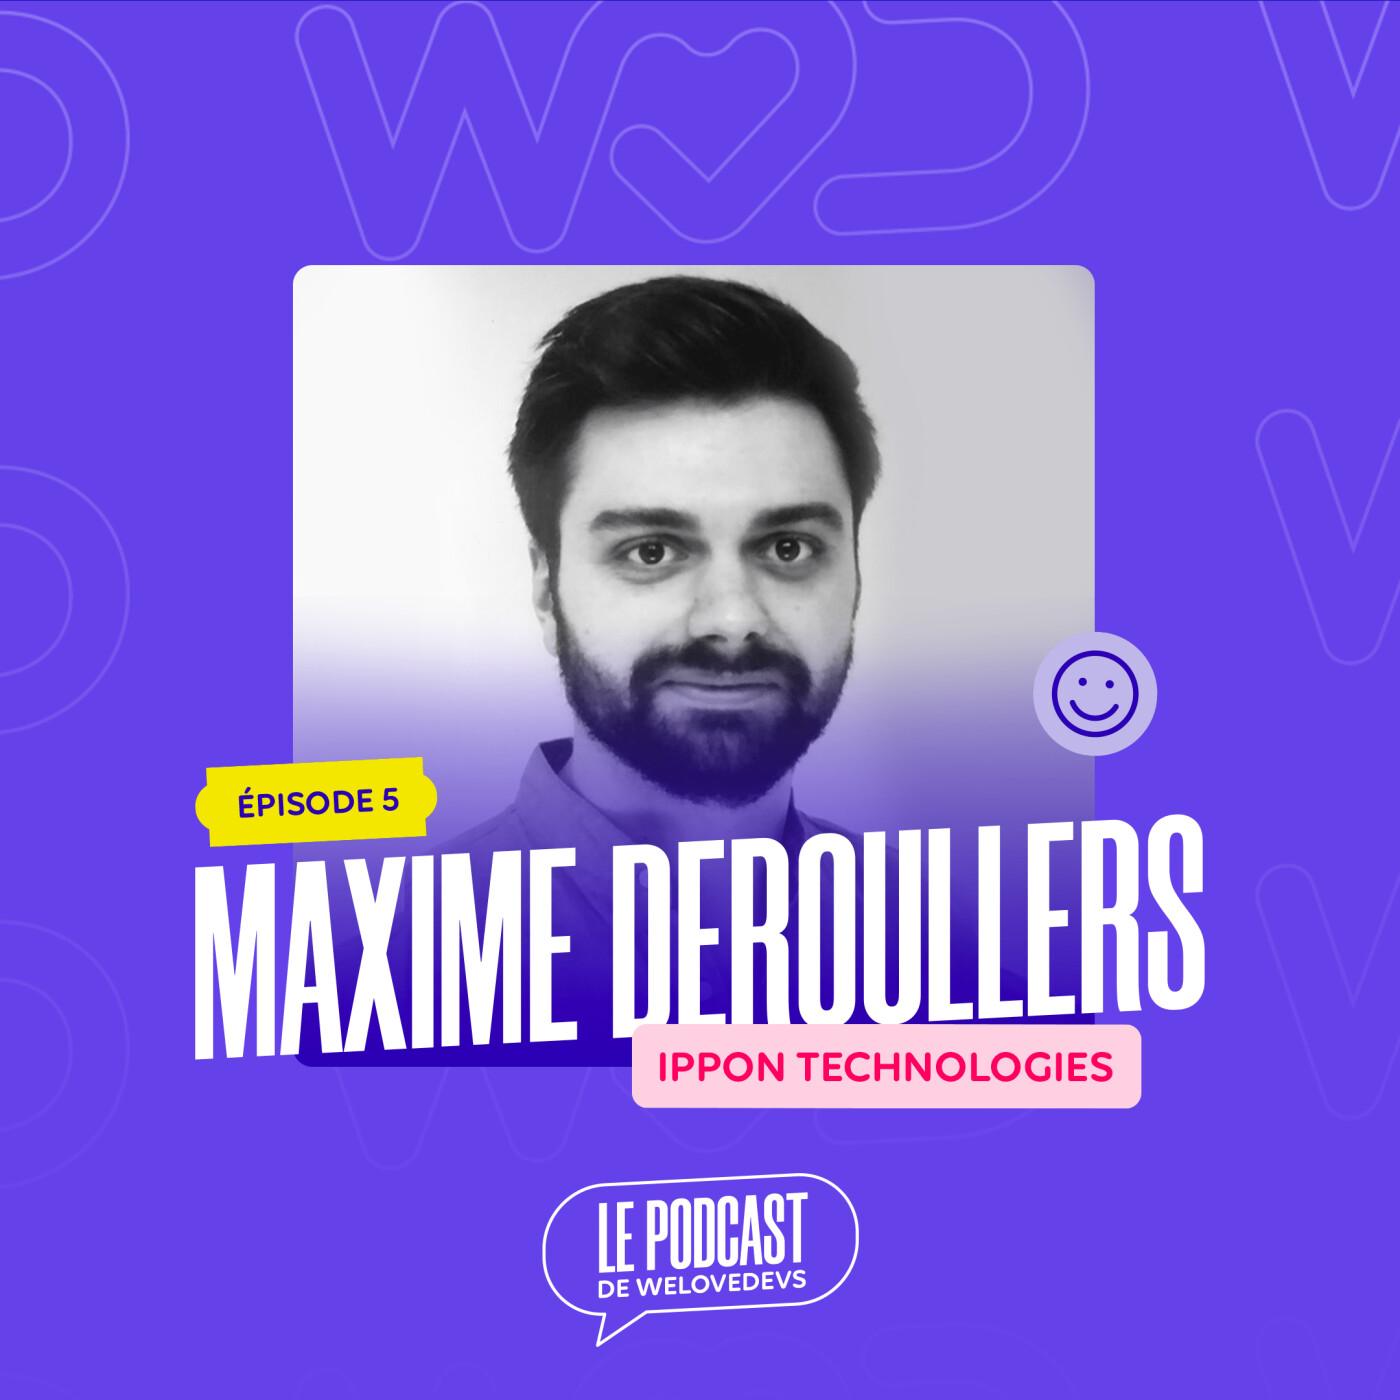 #5 - Maxime Deroullers (Ippon Technologies) - Chaque jour un peu plus loin